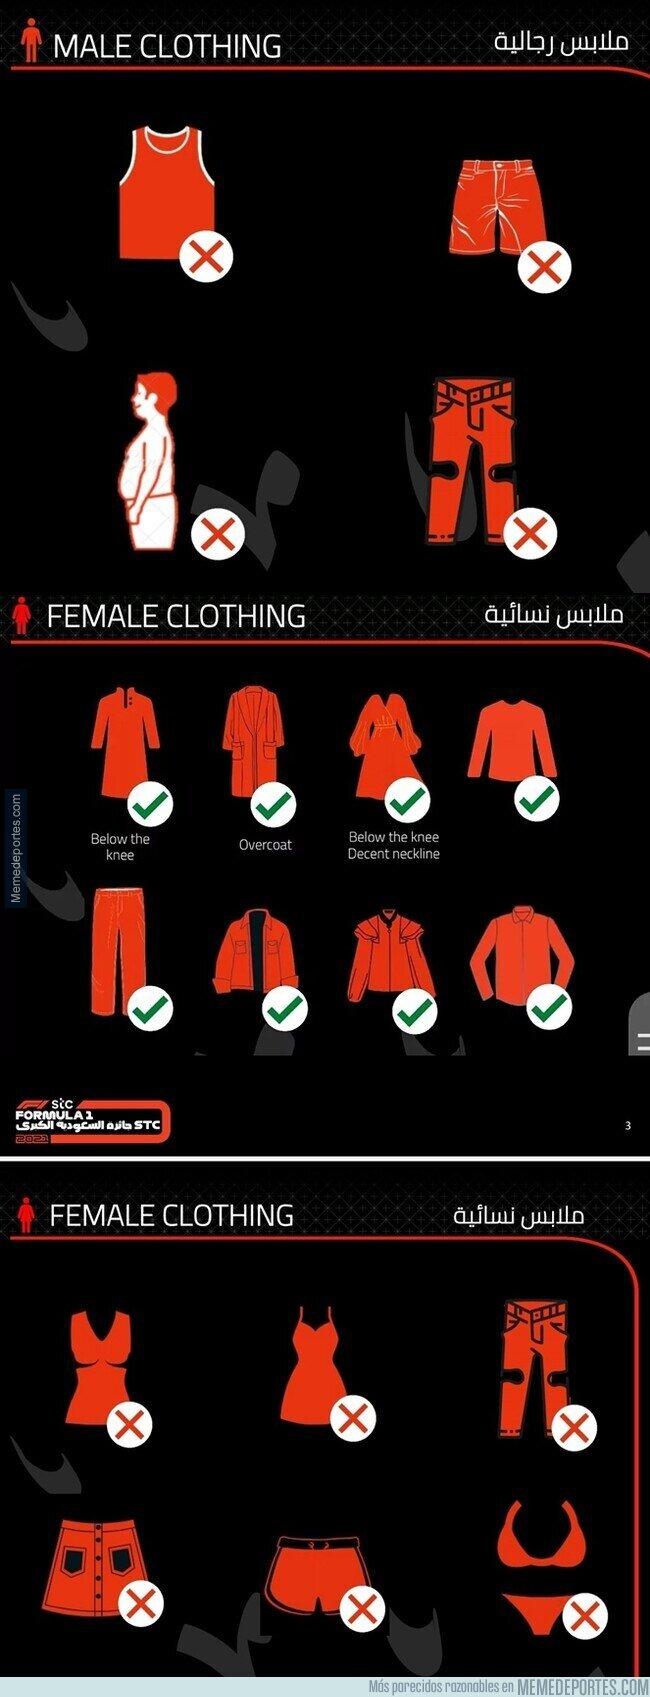 1146917 - Polémica en Arabia Saudí después de que publicaran que tipo de ropa esta prohibida para el Gran Circo y F2